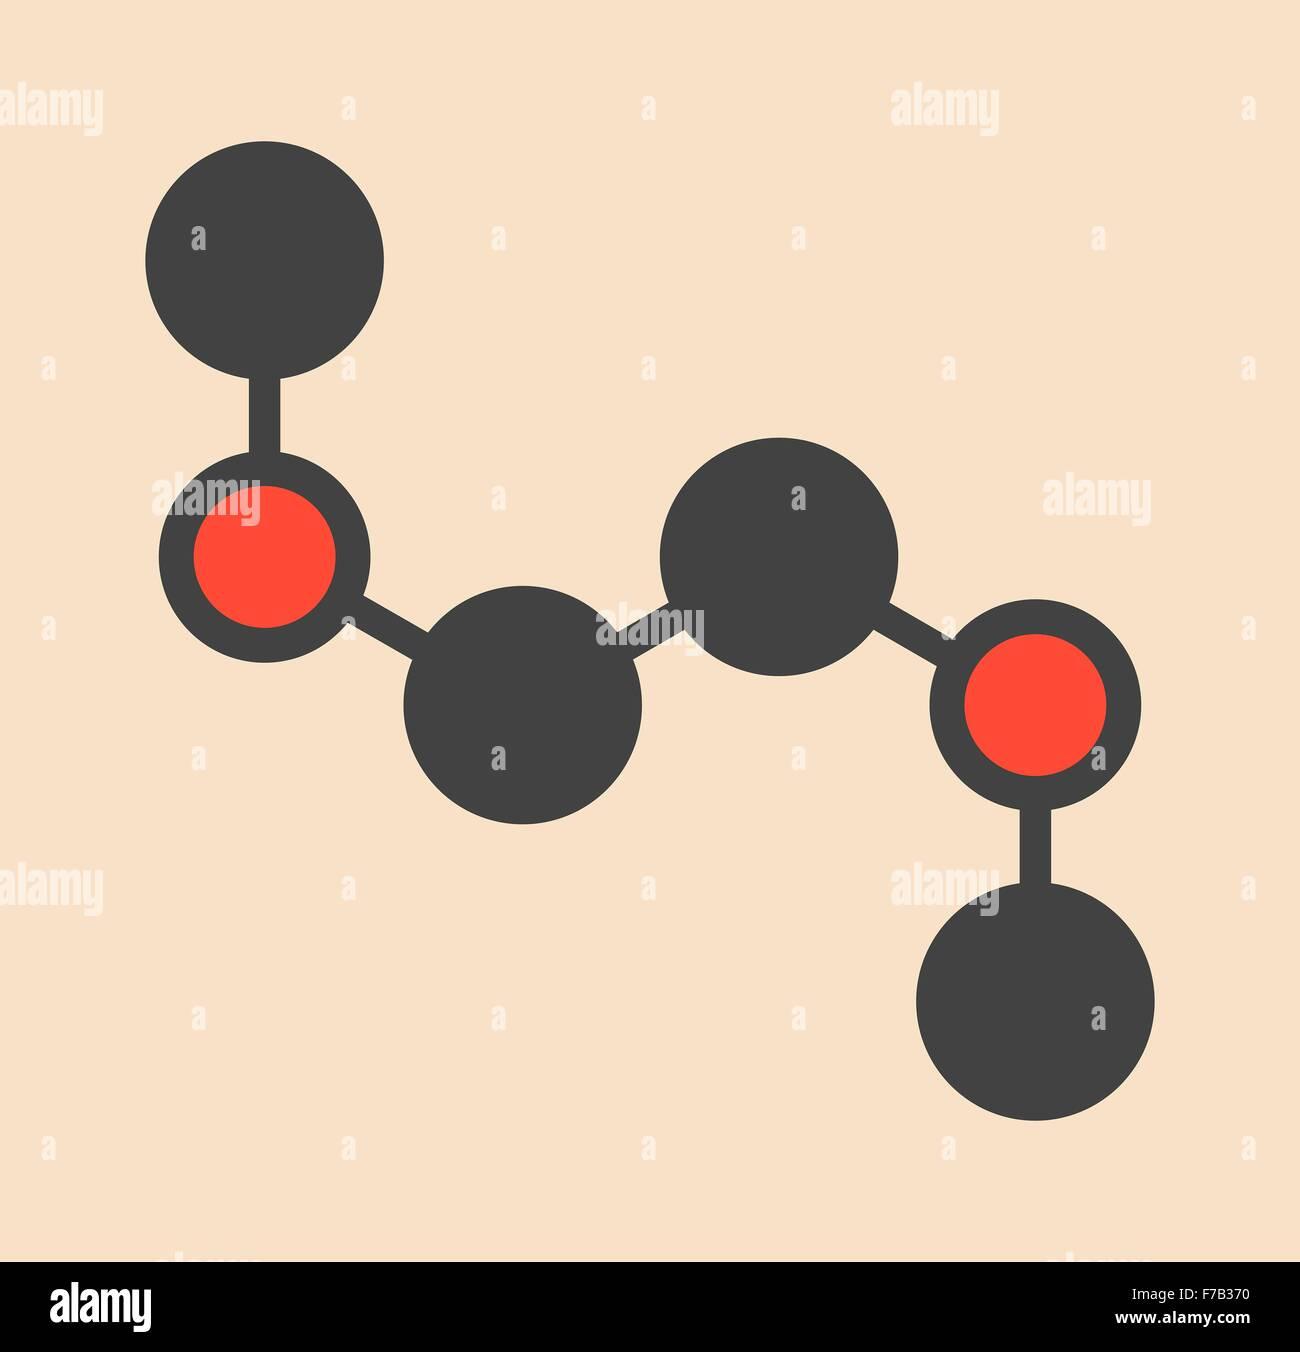 Dimethoxyethane (glyme, DME, dimethylene glycol) chemical solvent molecule. Stylized skeletal formula (chemical - Stock Image